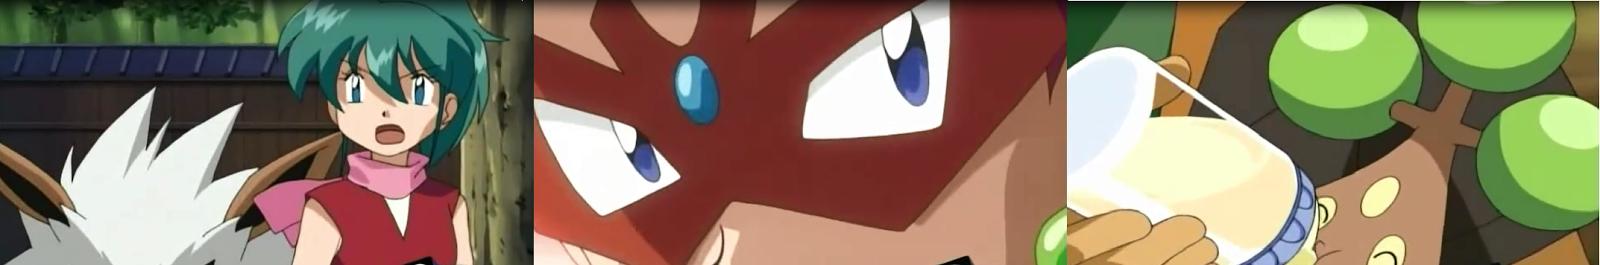 Pokemon Capitulo 11 Temporada 9 Salvado Desde La Cuna